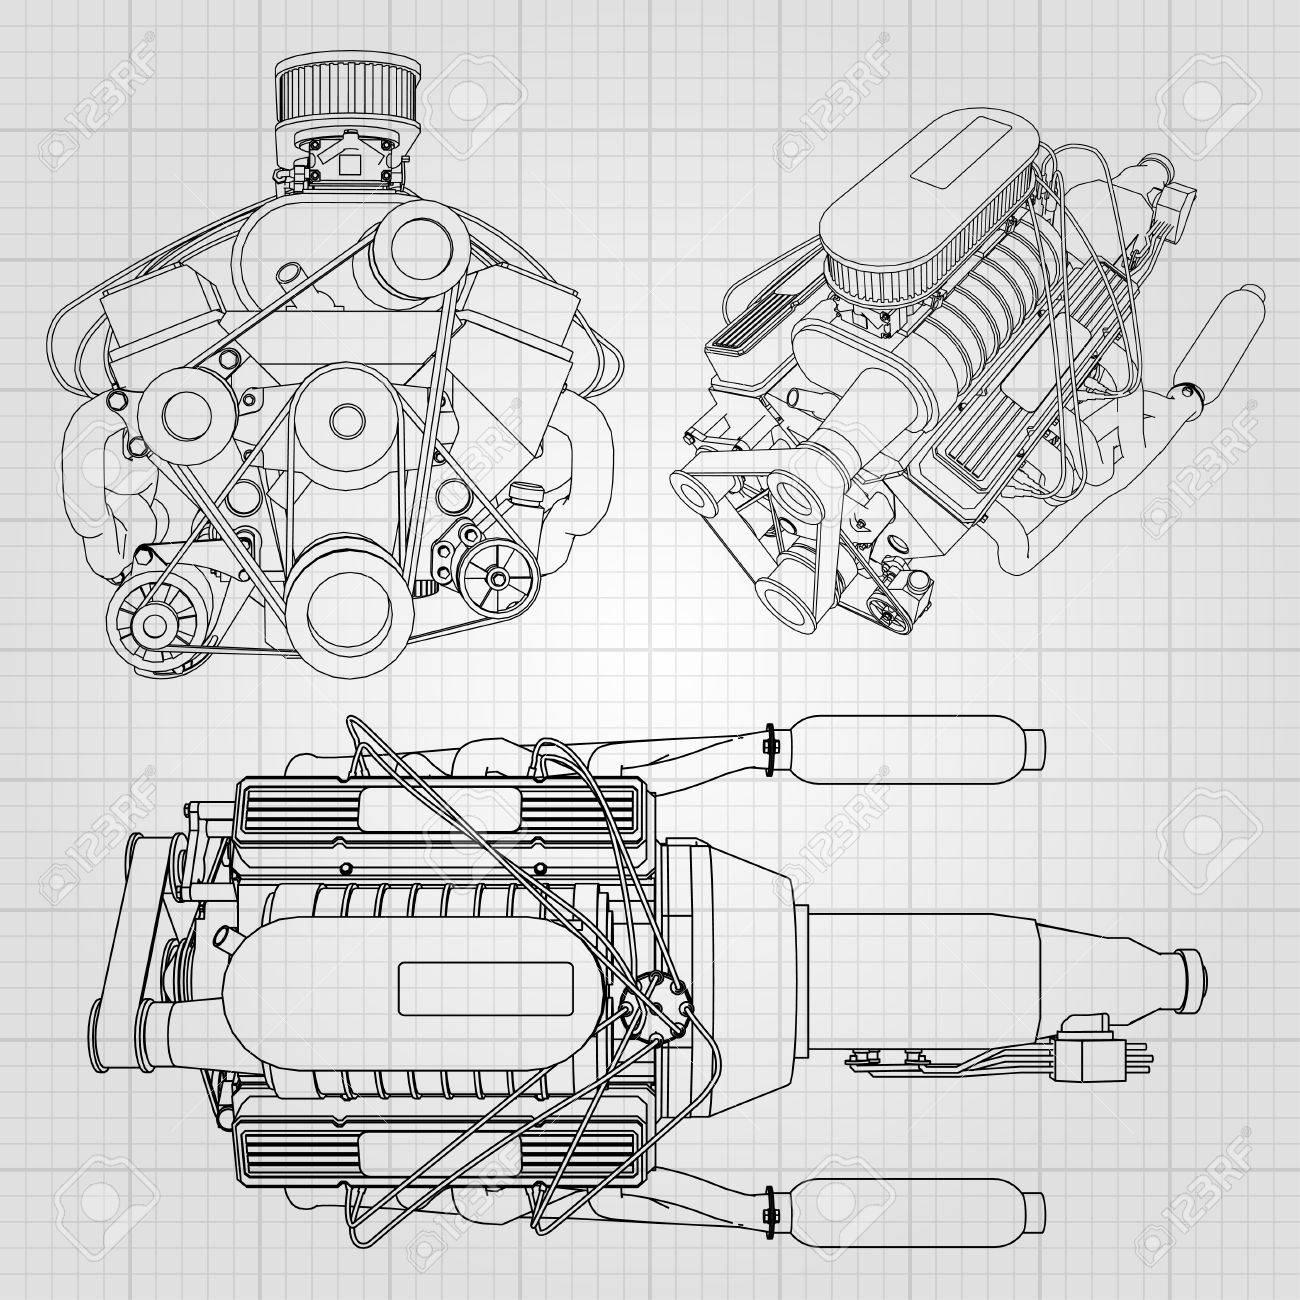 Atemberaubend Diagramm Der Elektrischen Motorkomponenten ...